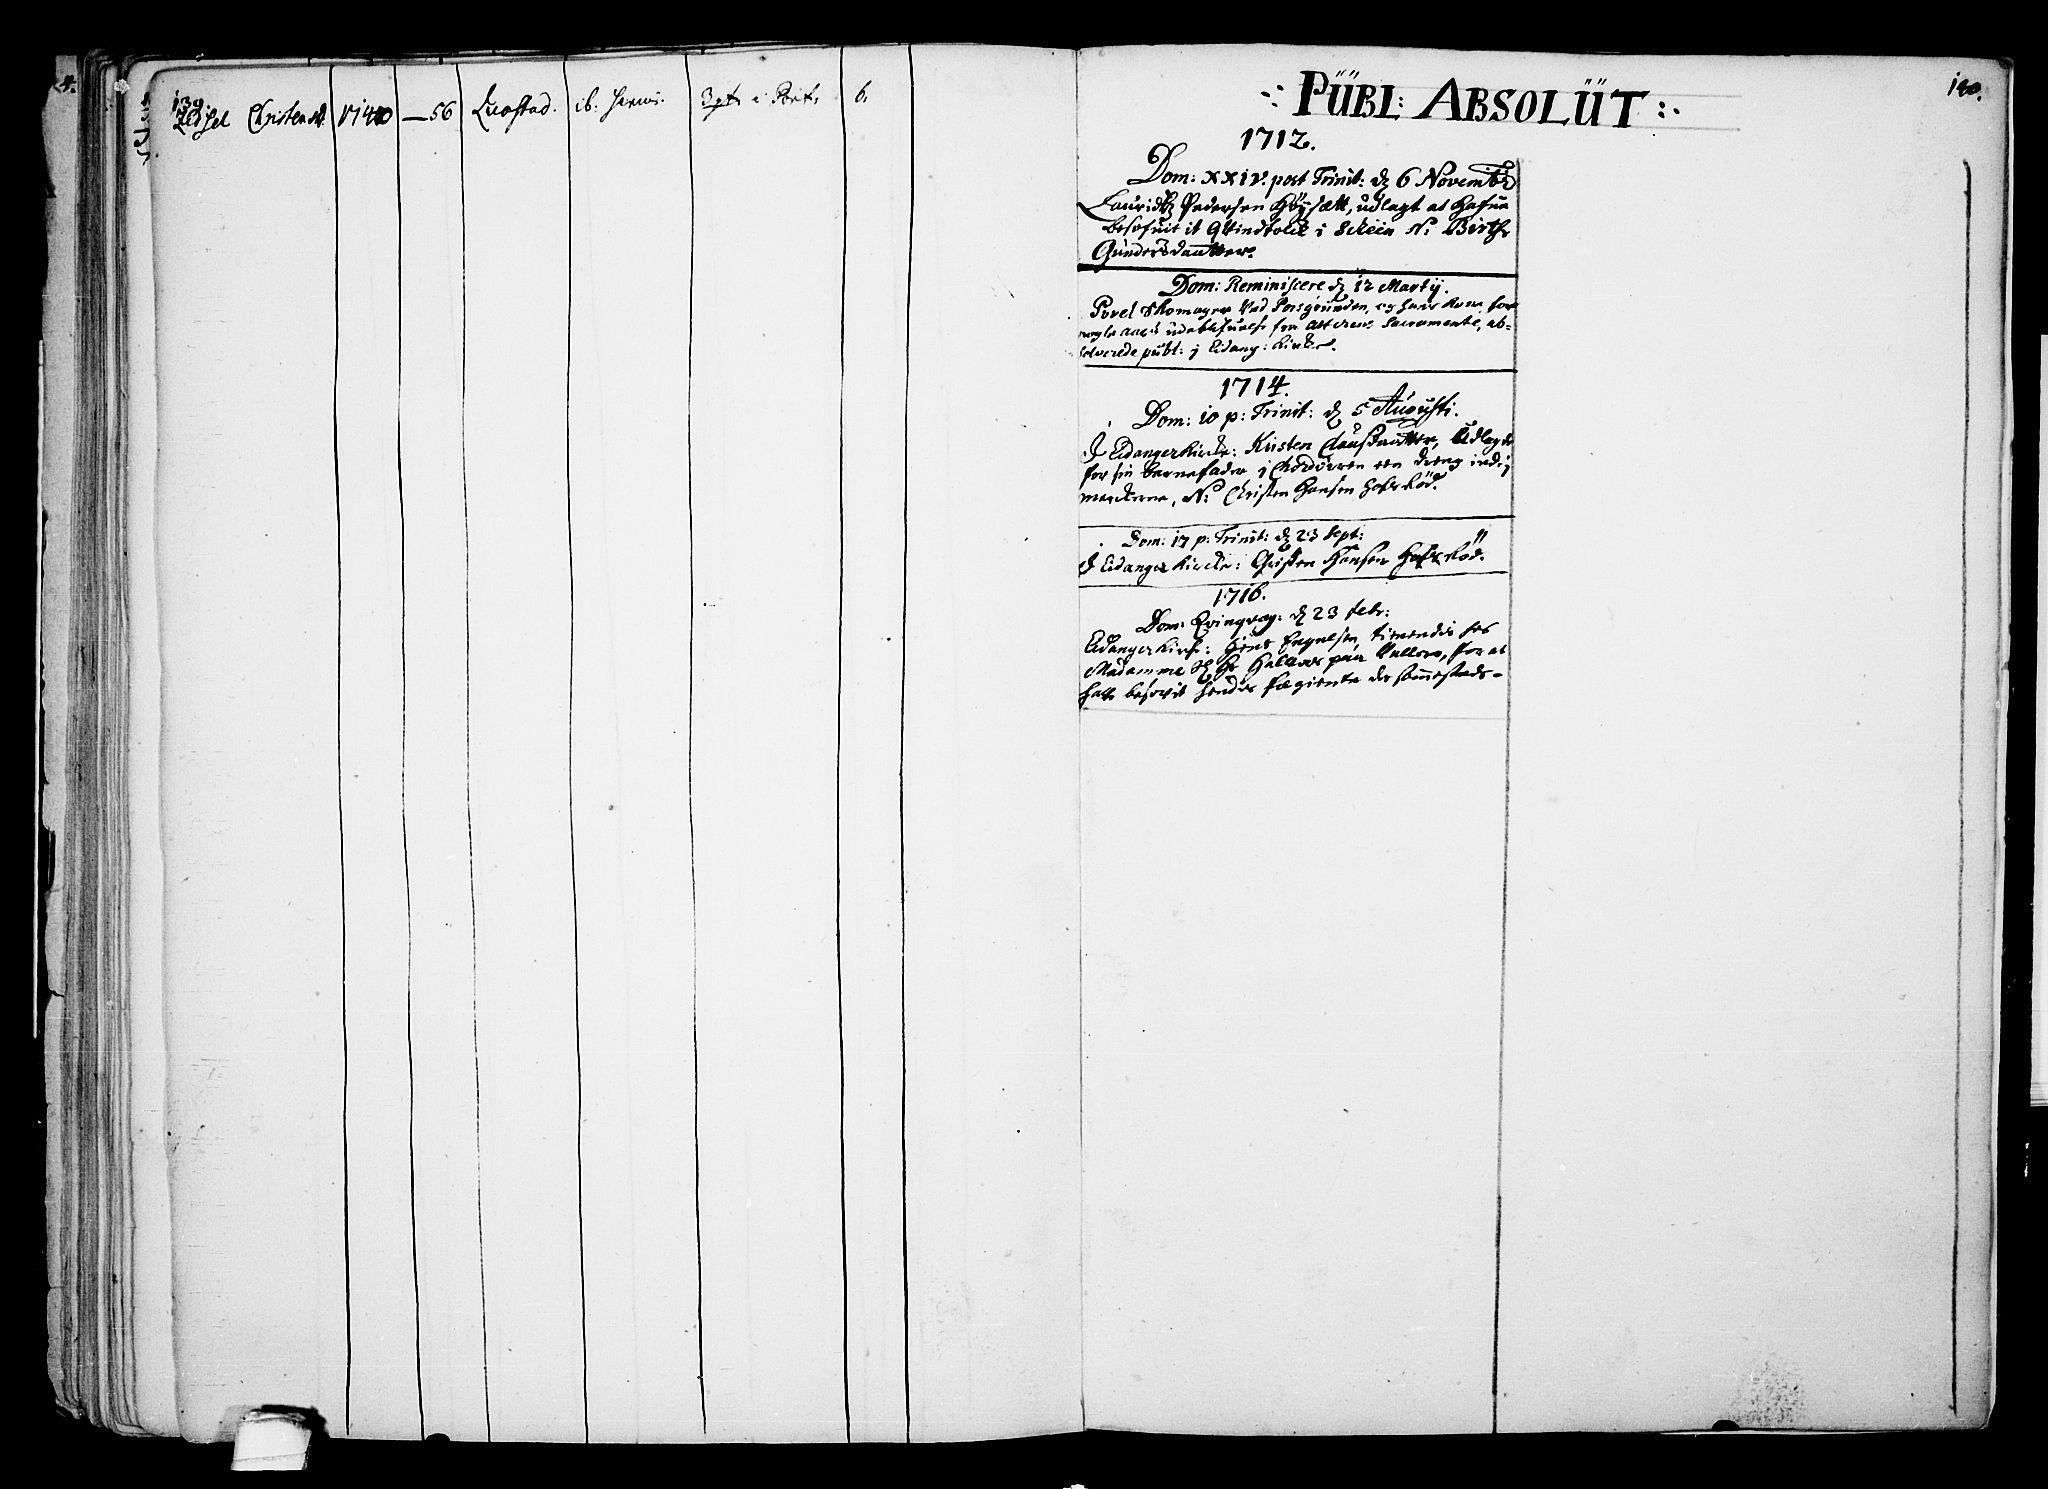 SAKO, Eidanger kirkebøker, F/Fa/L0002: Ministerialbok nr. 2, 1712-1720, s. 139-140